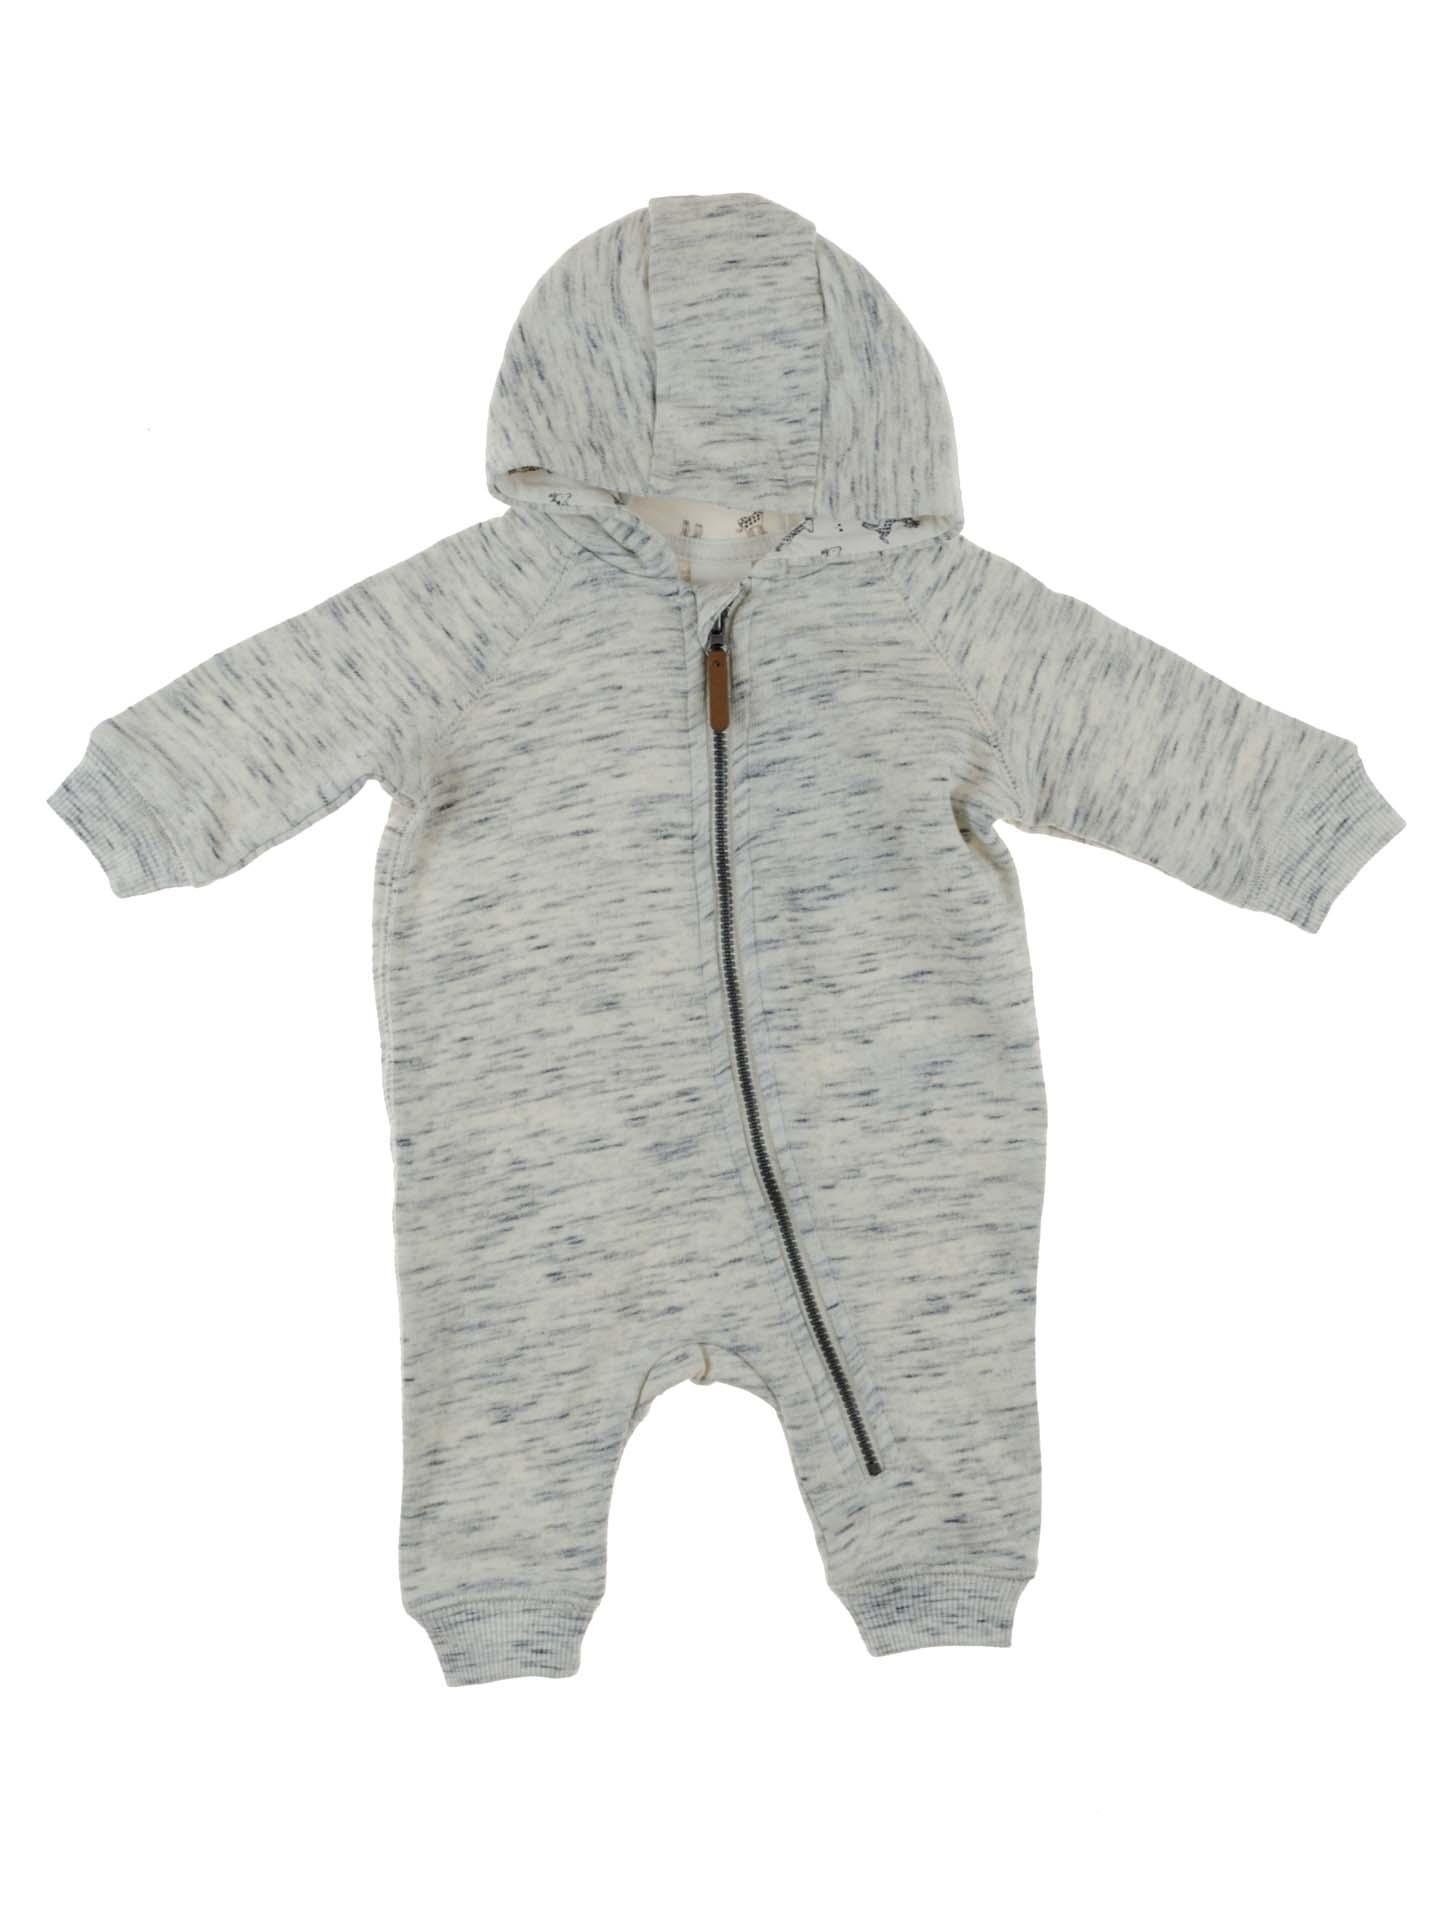 699df129de93a7 Купити Комбінезон утеплений H&M | Top Shelf | Інтернет-магазин дитячого  одягу в Україні